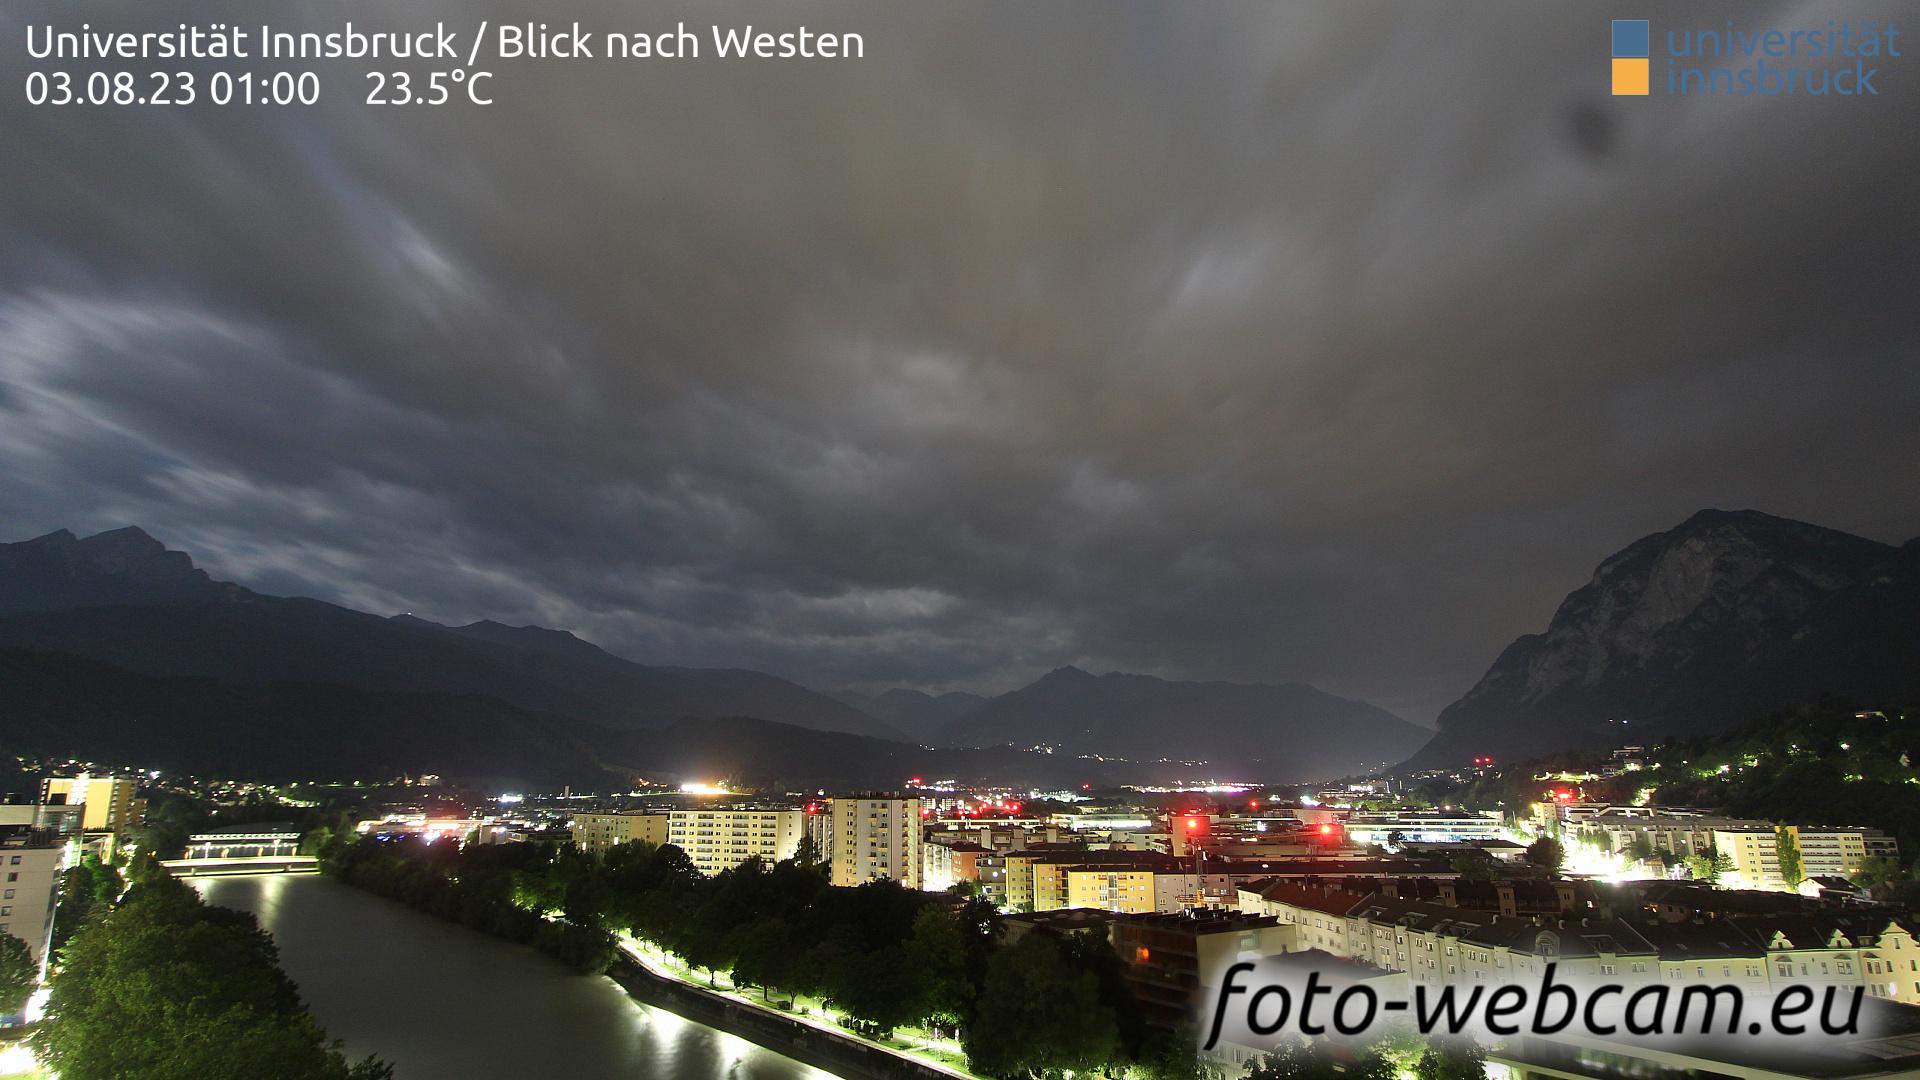 Innsbruck Mon. 01:25